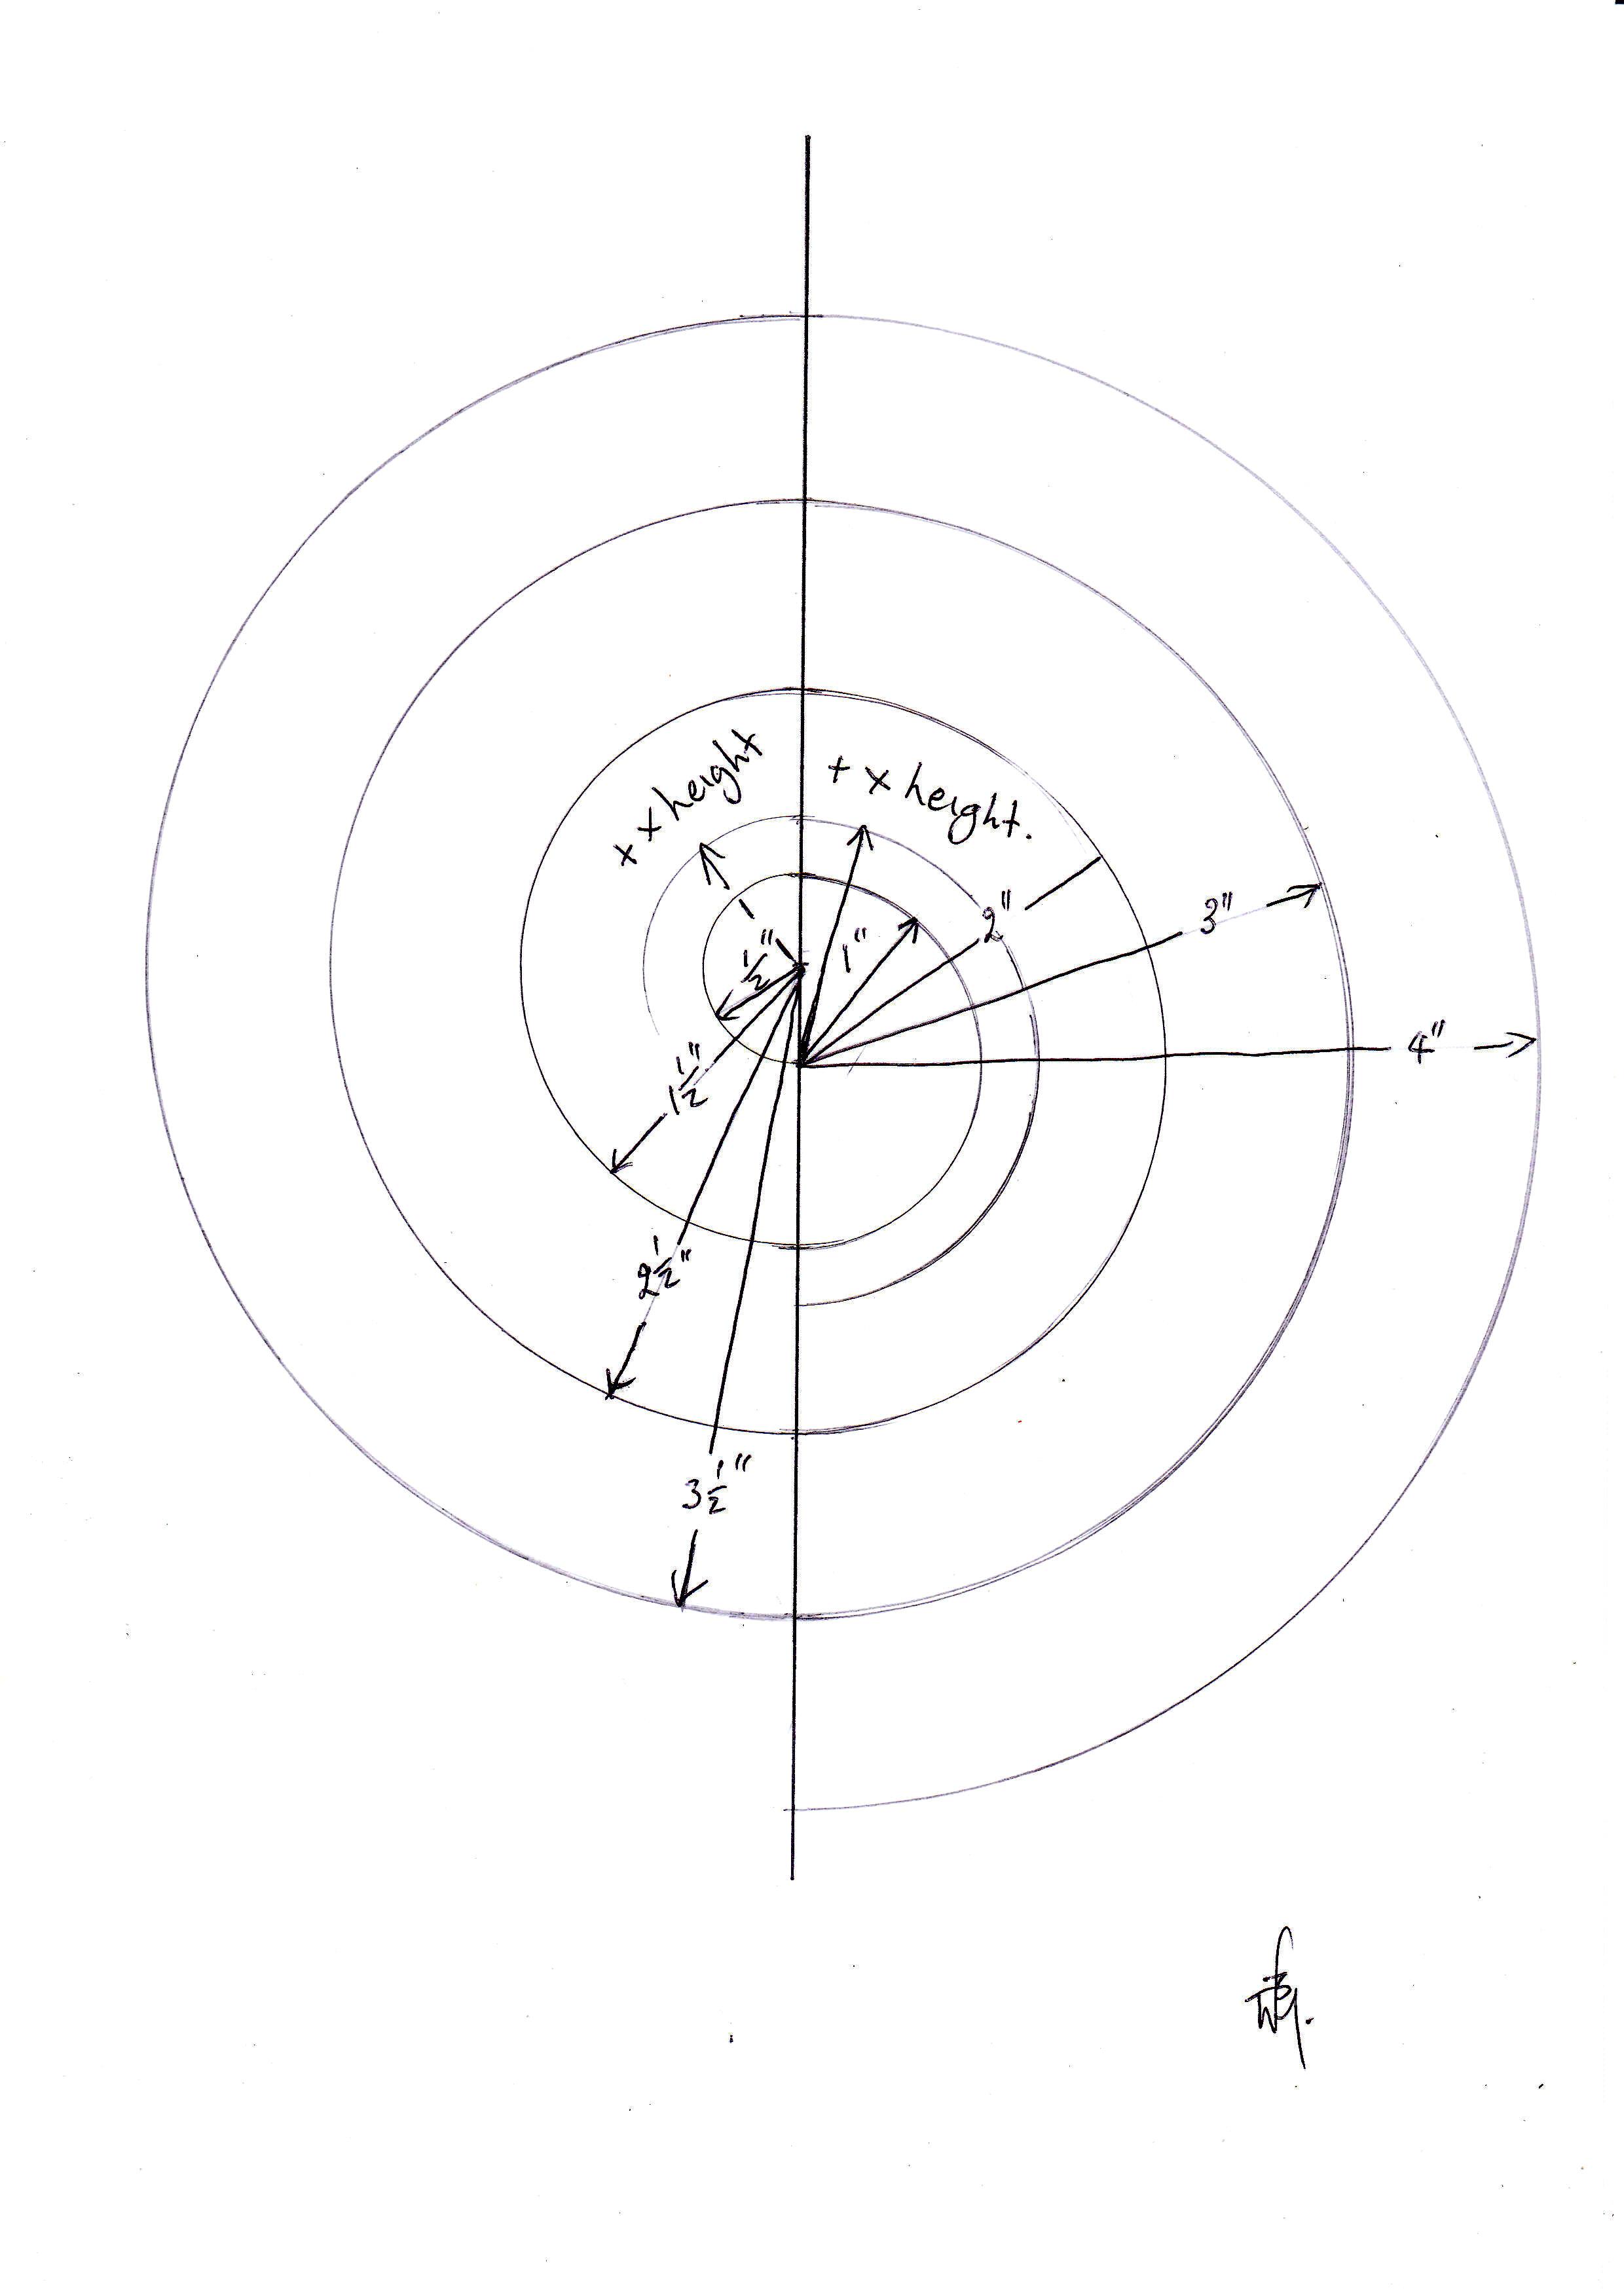 The Spiral Step Using A New Tarot Deck: Spiral Templates